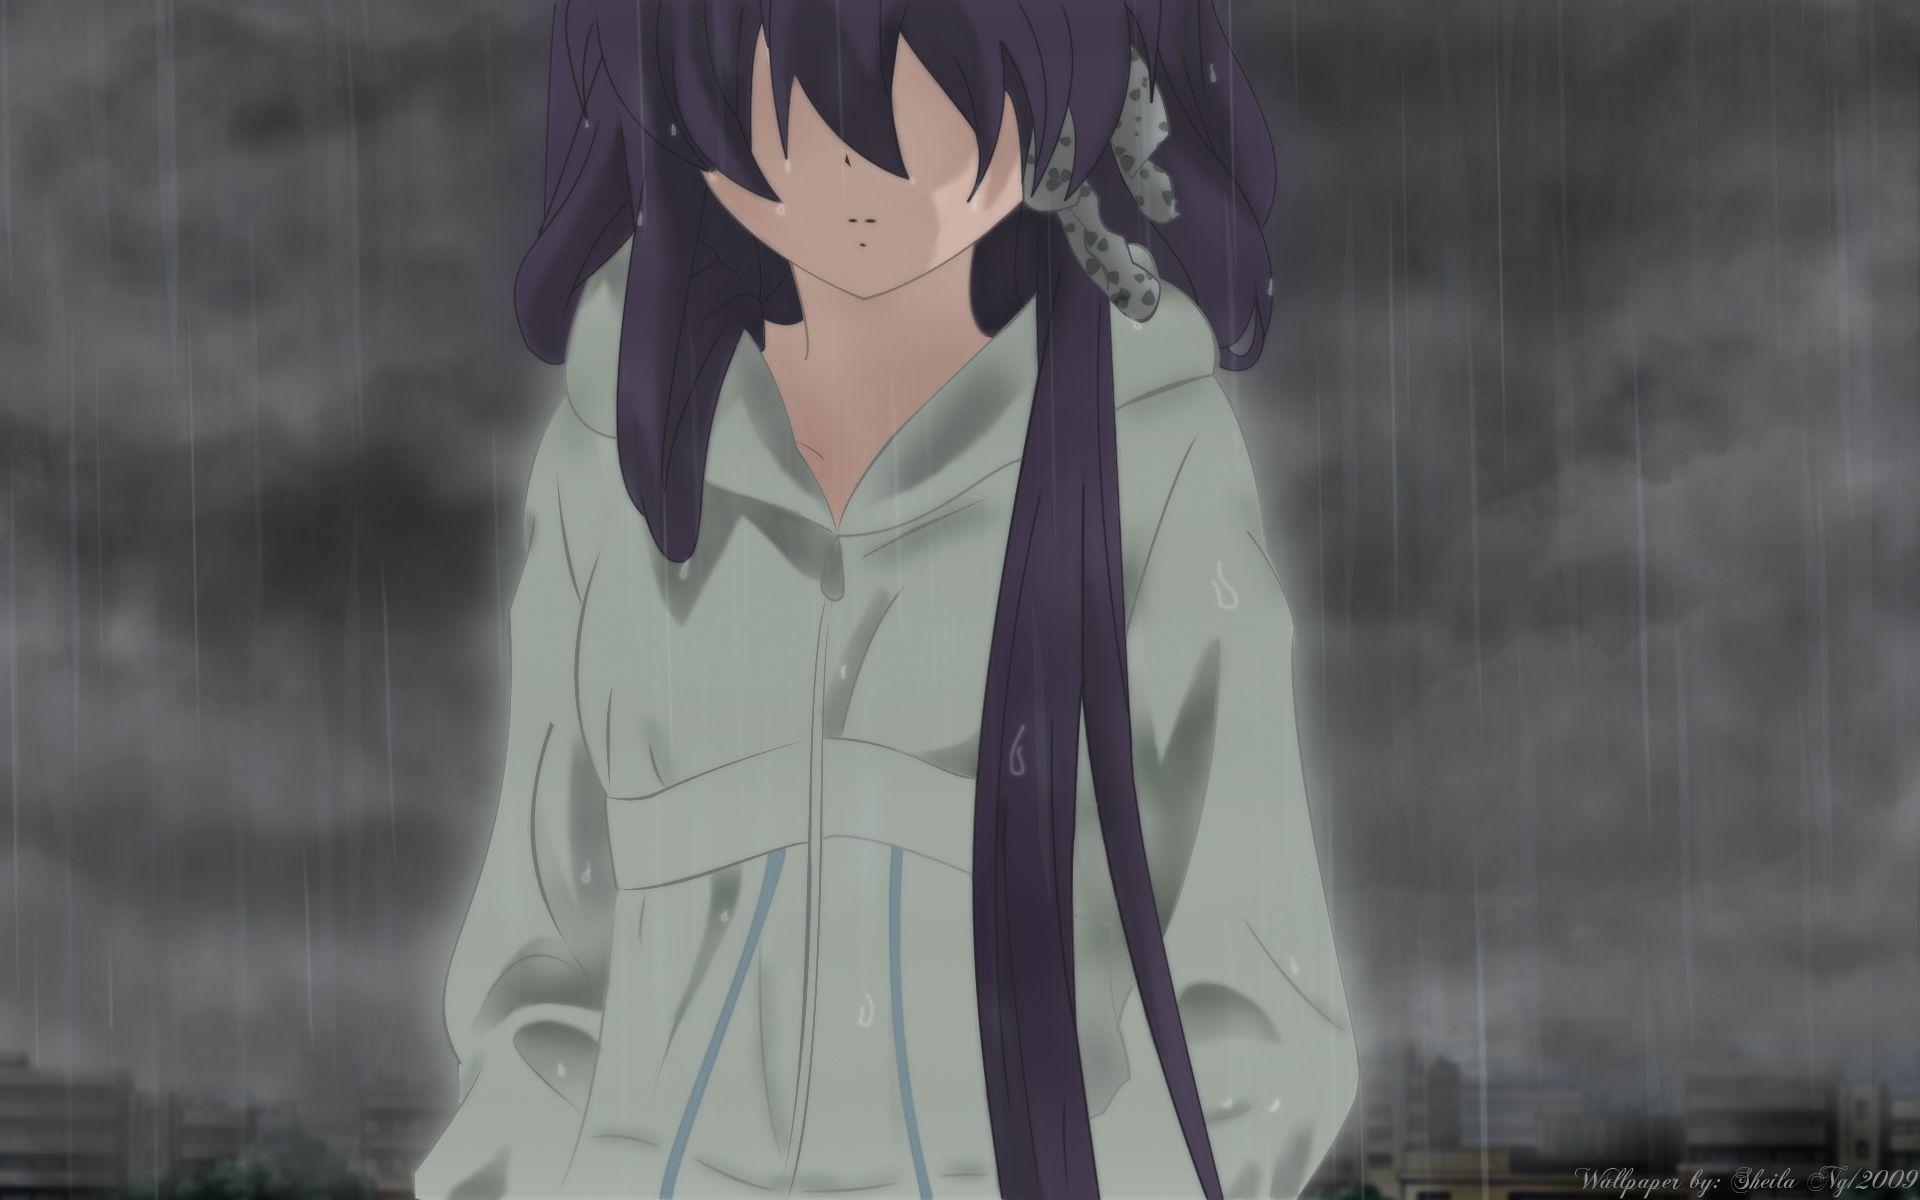 Sad Anime Girl Wallpapers - Wallpaper Cave